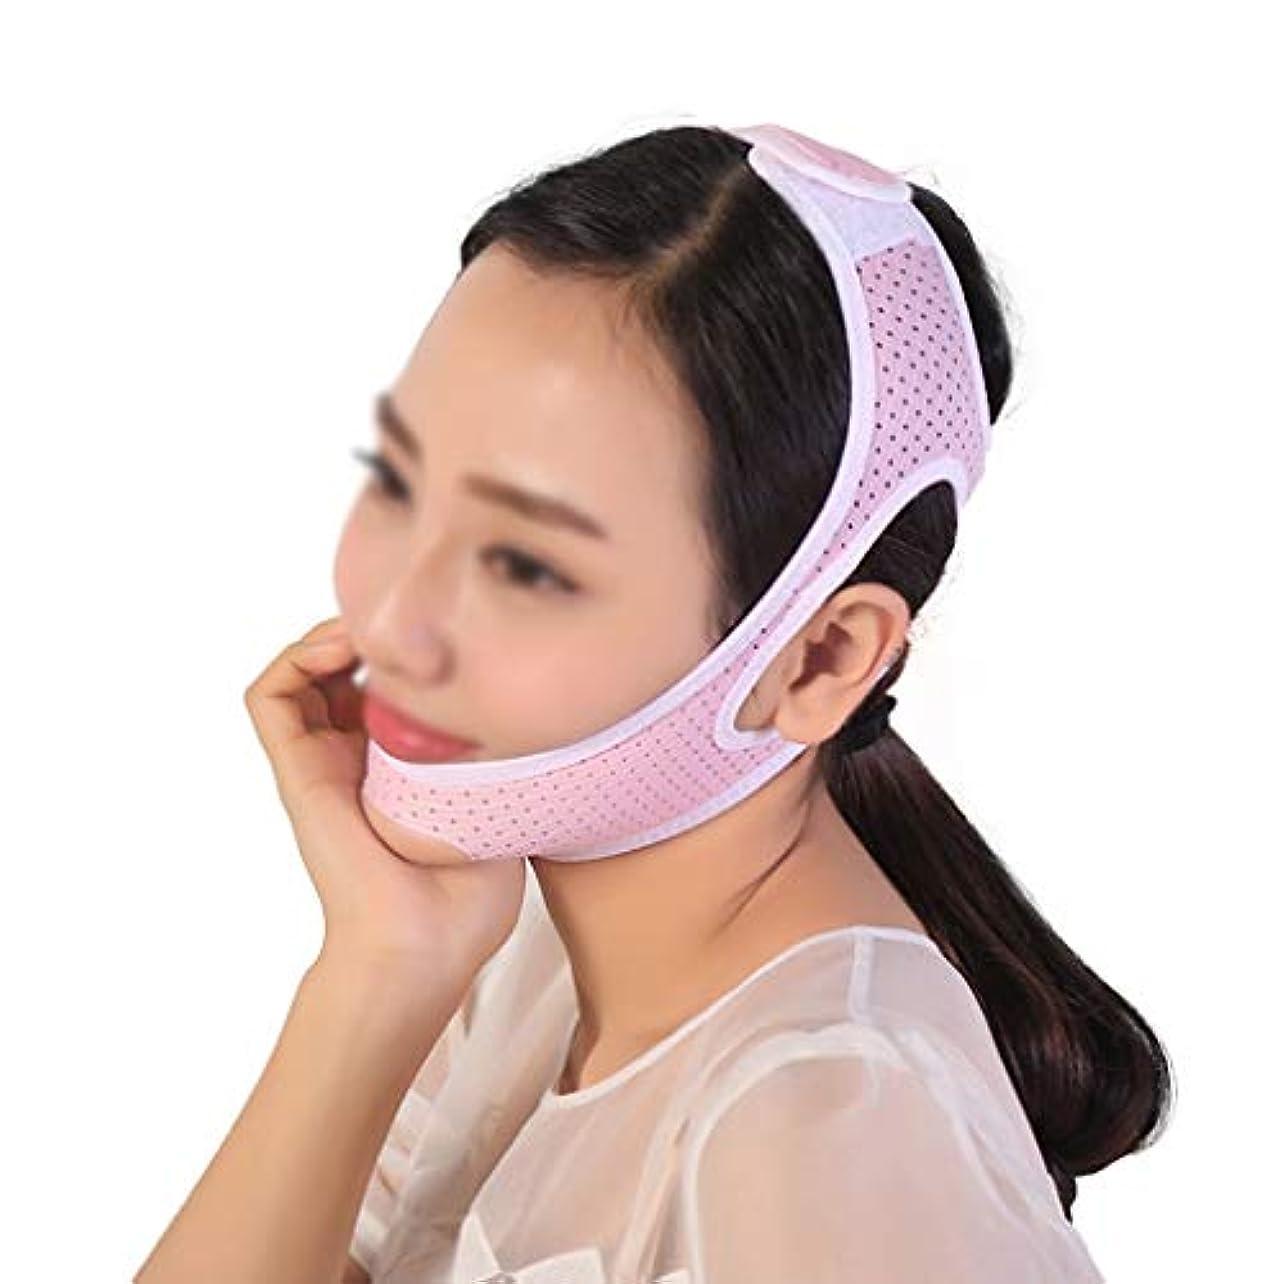 罰する見つける兵隊XHLMRMJ フェイスリフトマスク、顔の皮膚の首のあごのラインを向上させます、リフトフェイス、シンチークマスク、シンチンチークシンV(ピンク) (Size : L)